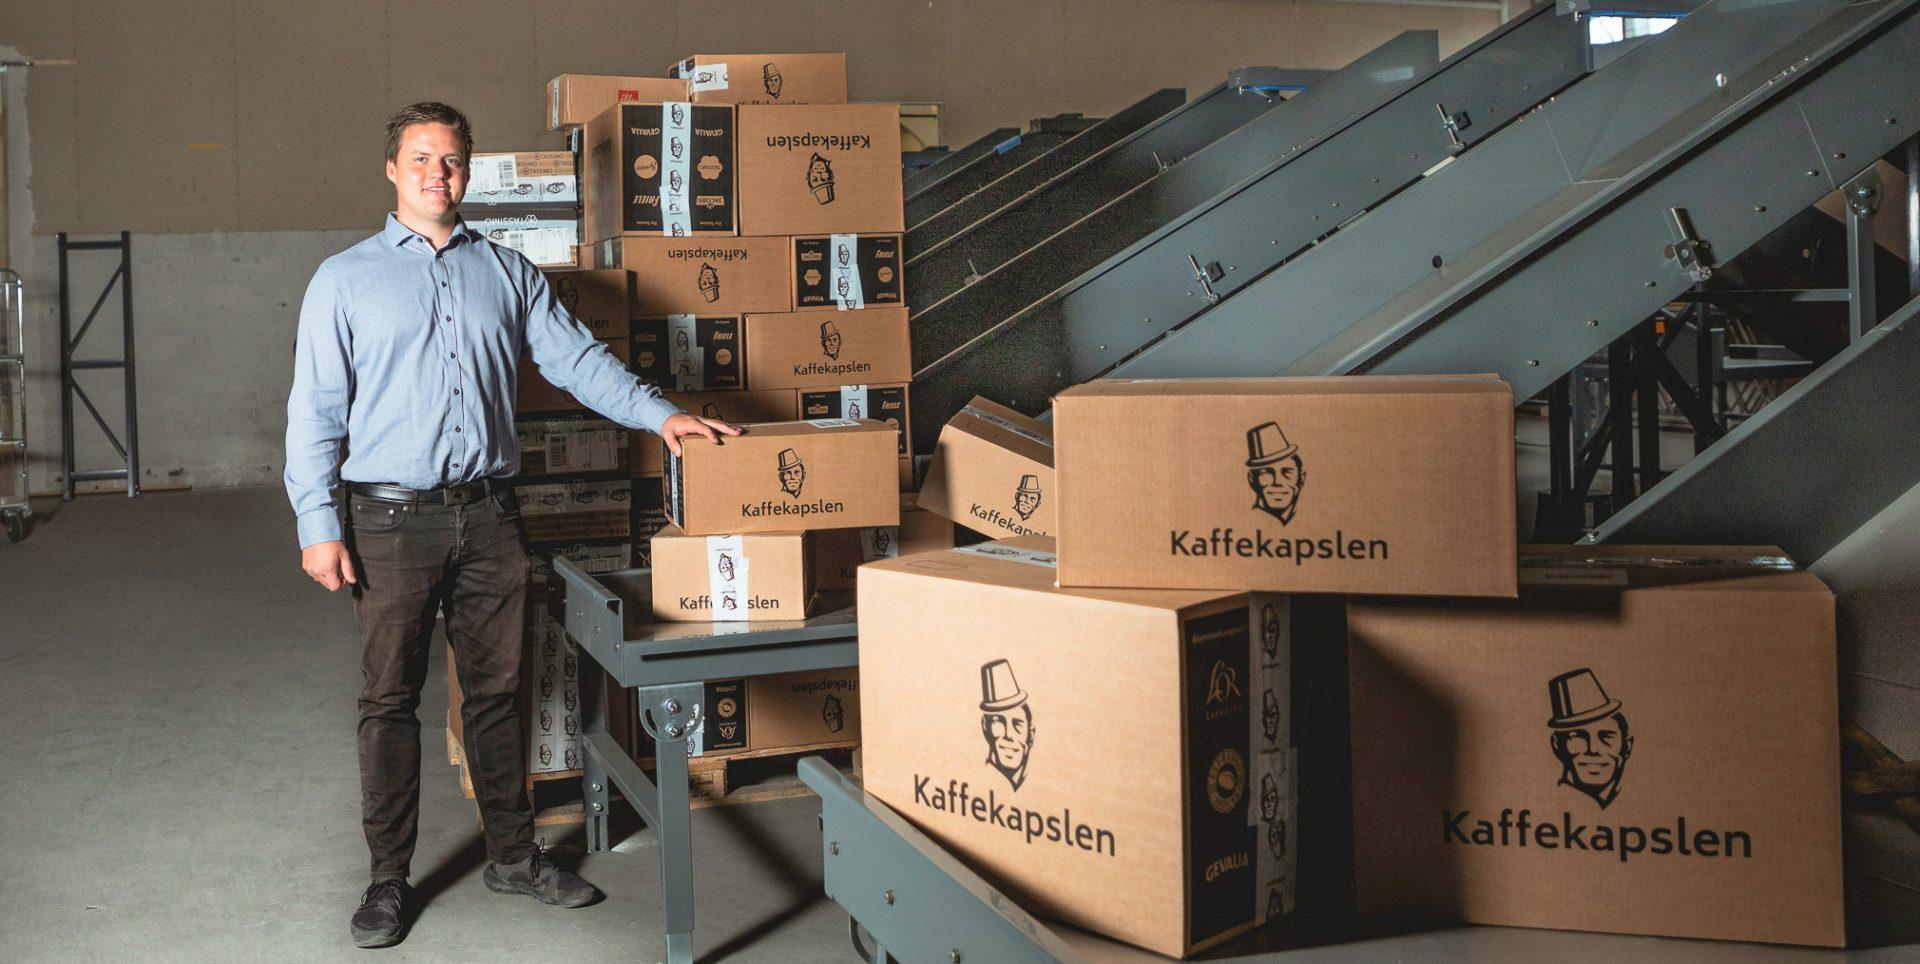 Kaffekapslen: Investering i sorteringsanlæg skal understøtte væksten